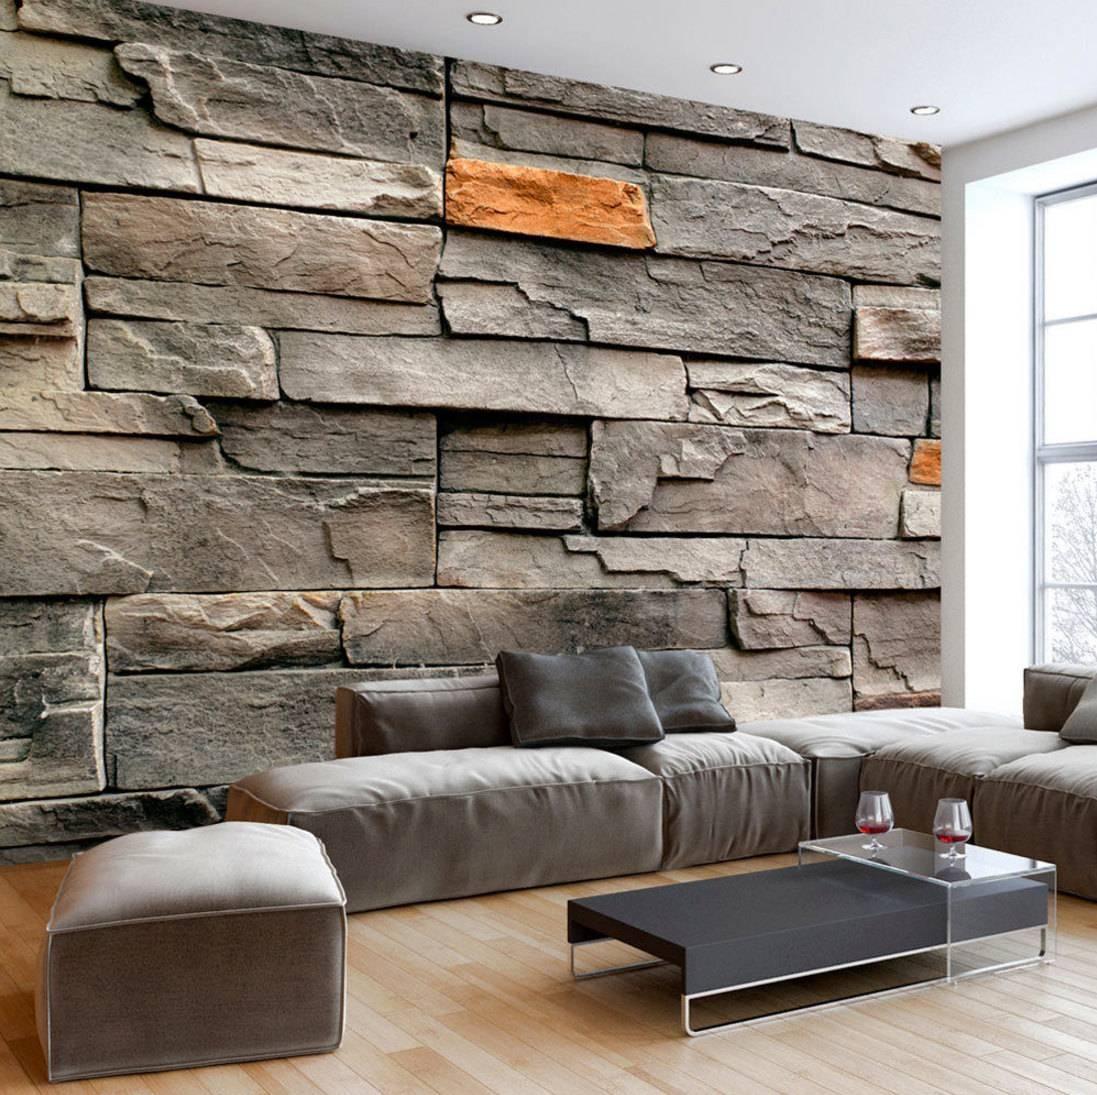 Photo Wallpaper Wall Murals Non Woven 3d Modern Art Optical Throughout Most Popular 3d Brick Wall Art (View 2 of 20)